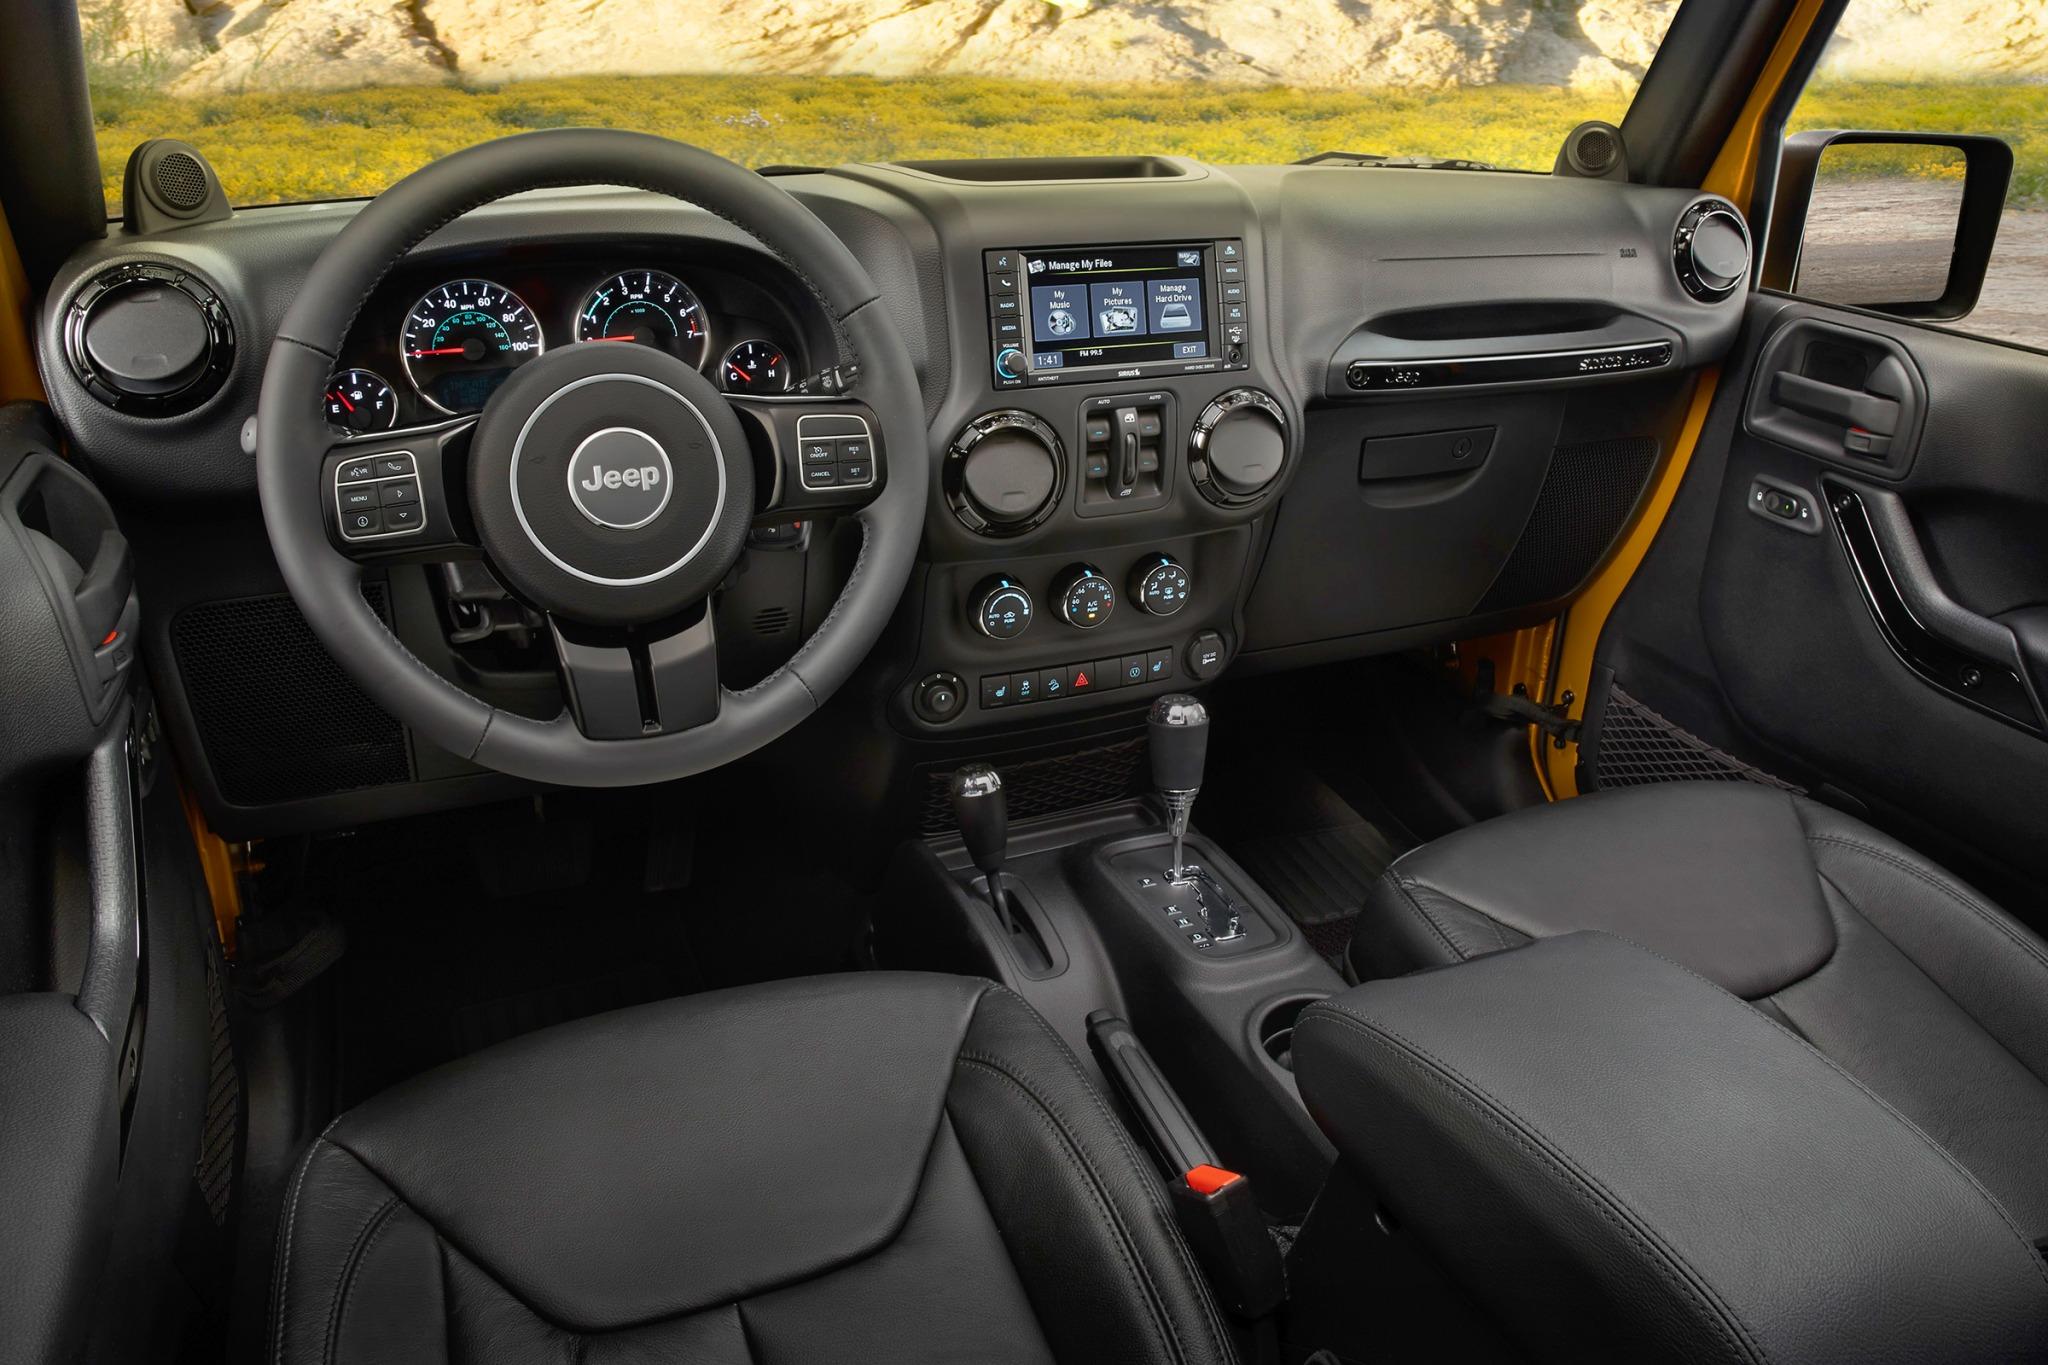 ... Jeep car rental Sint Maarten with SXM Loc St Maarten